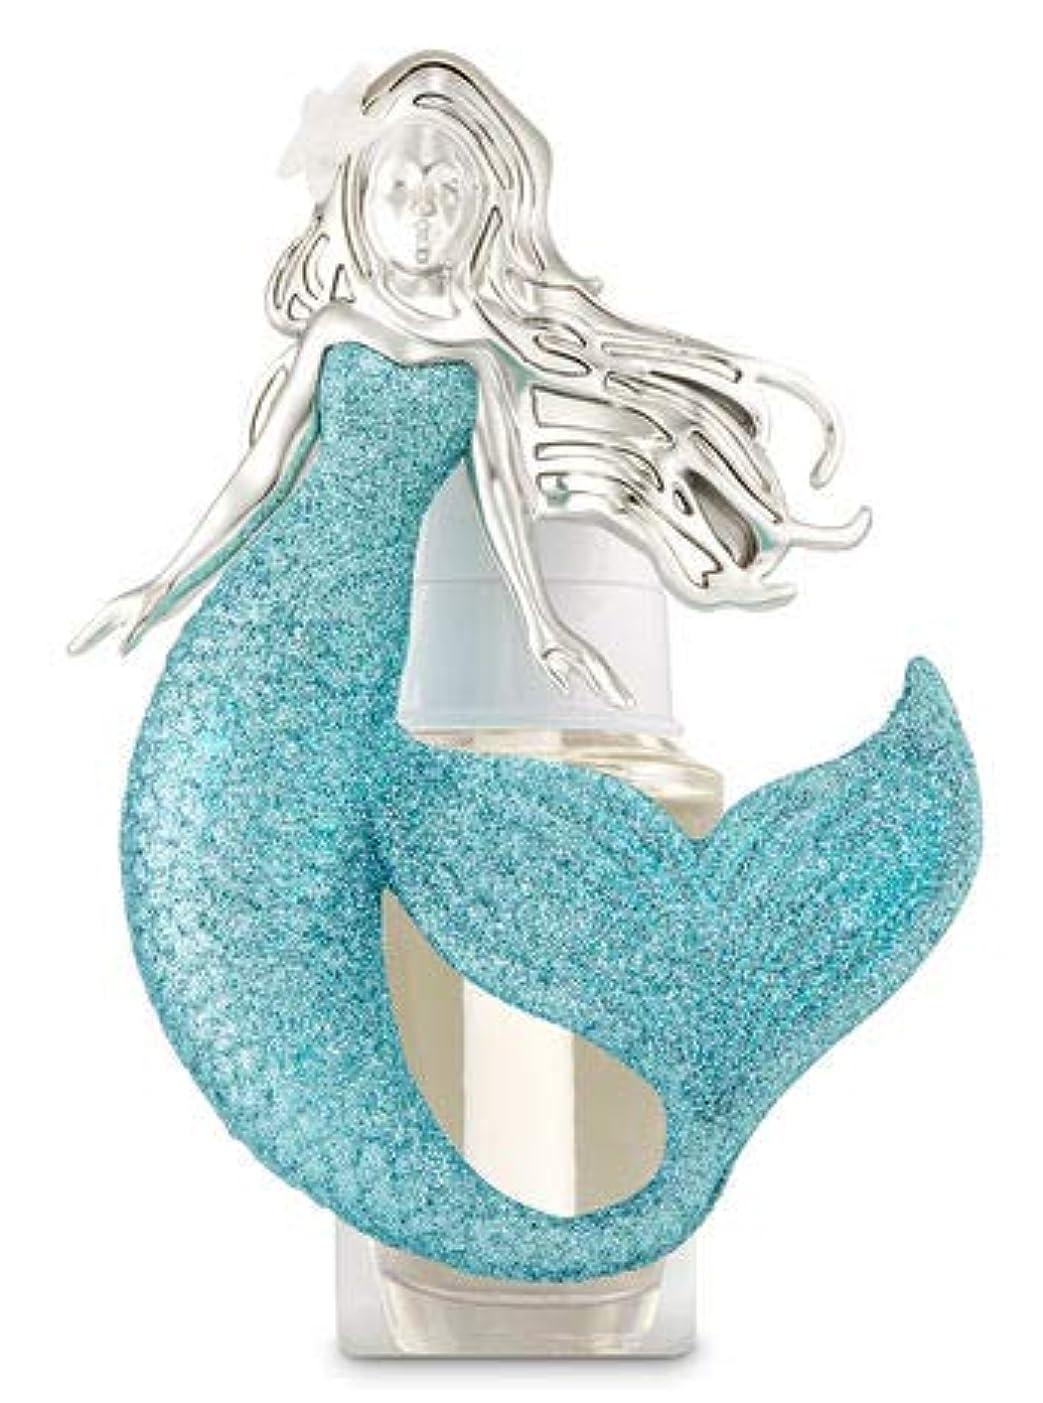 角度エイリアスコマンド【Bath&Body Works/バス&ボディワークス】 ルームフレグランス プラグインスターター (本体のみ) マーメイド ナイトライト Wallflowers Fragrance Plug Mermaid Night Light [並行輸入品]